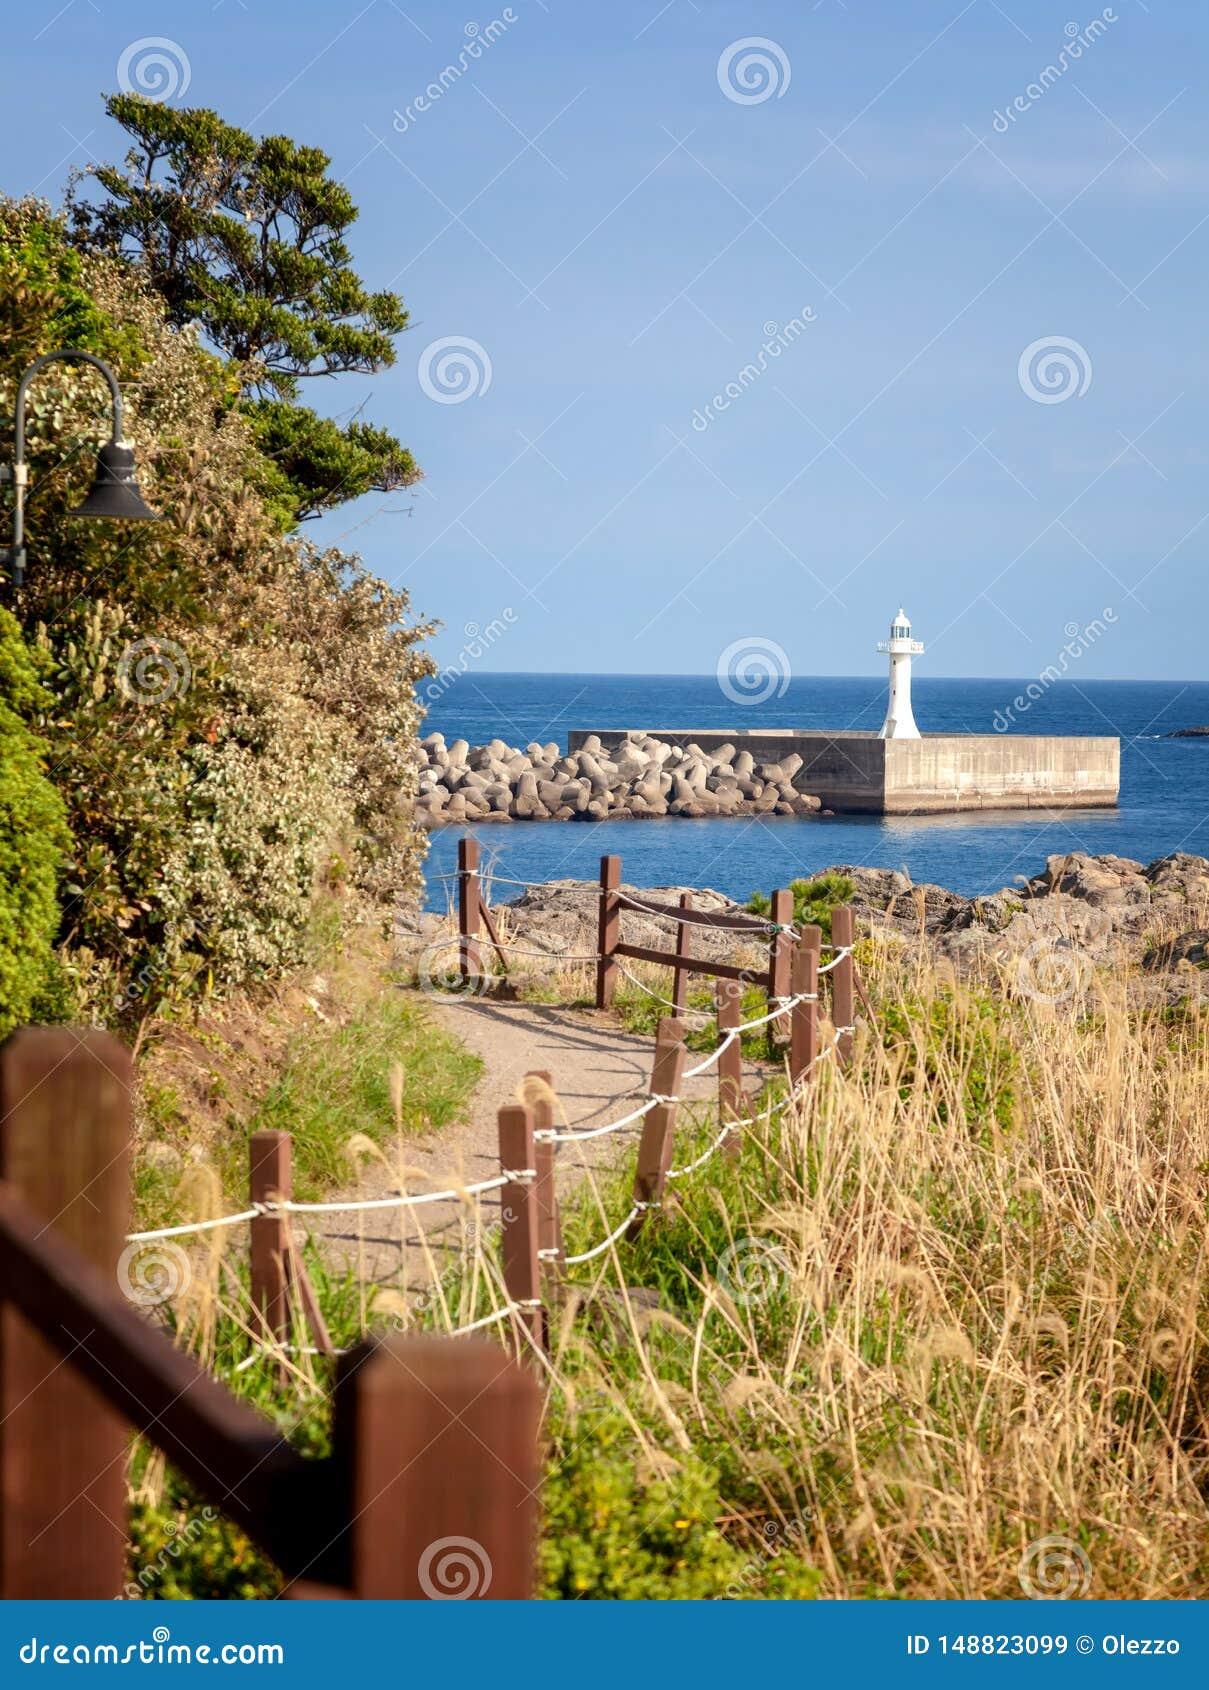 Footpath along the sea on the island of Jeju South Korea beautiful seascape. View of the lighthouse